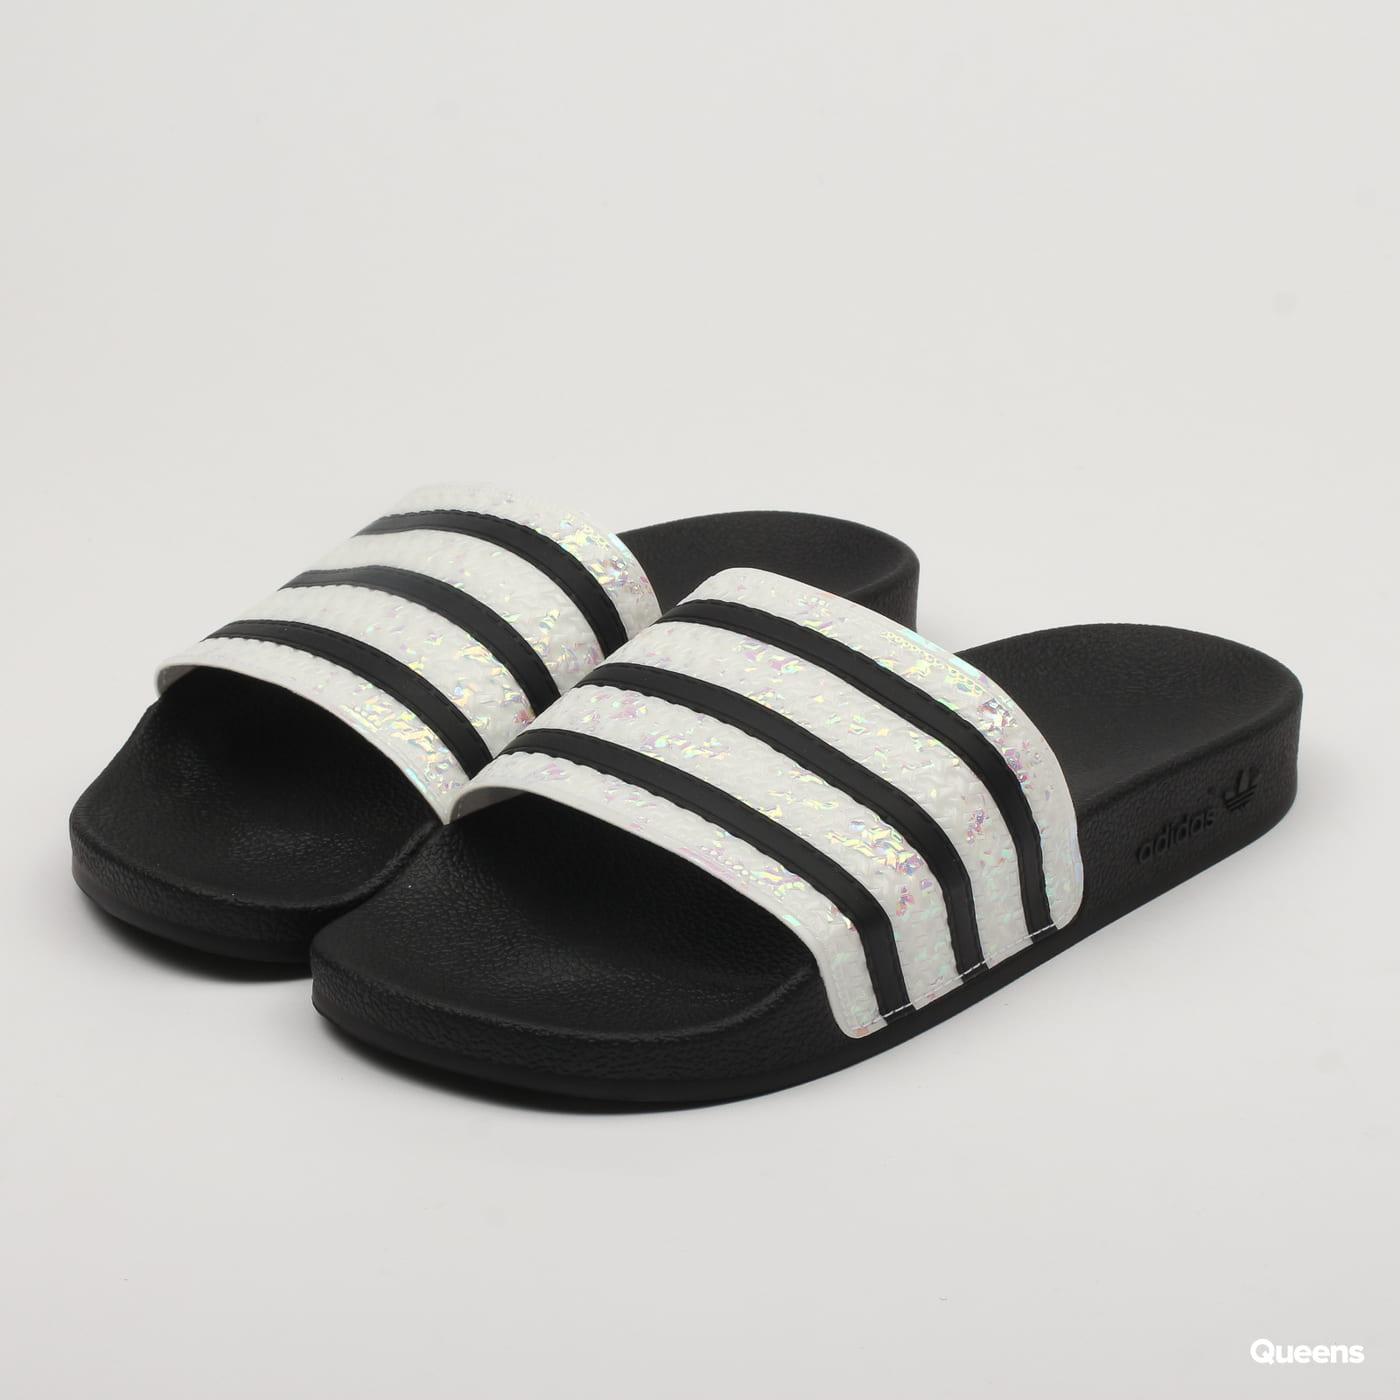 best service 9c10c c1af0 adidas Originals Adilette W (CG6256)– Queens 💚